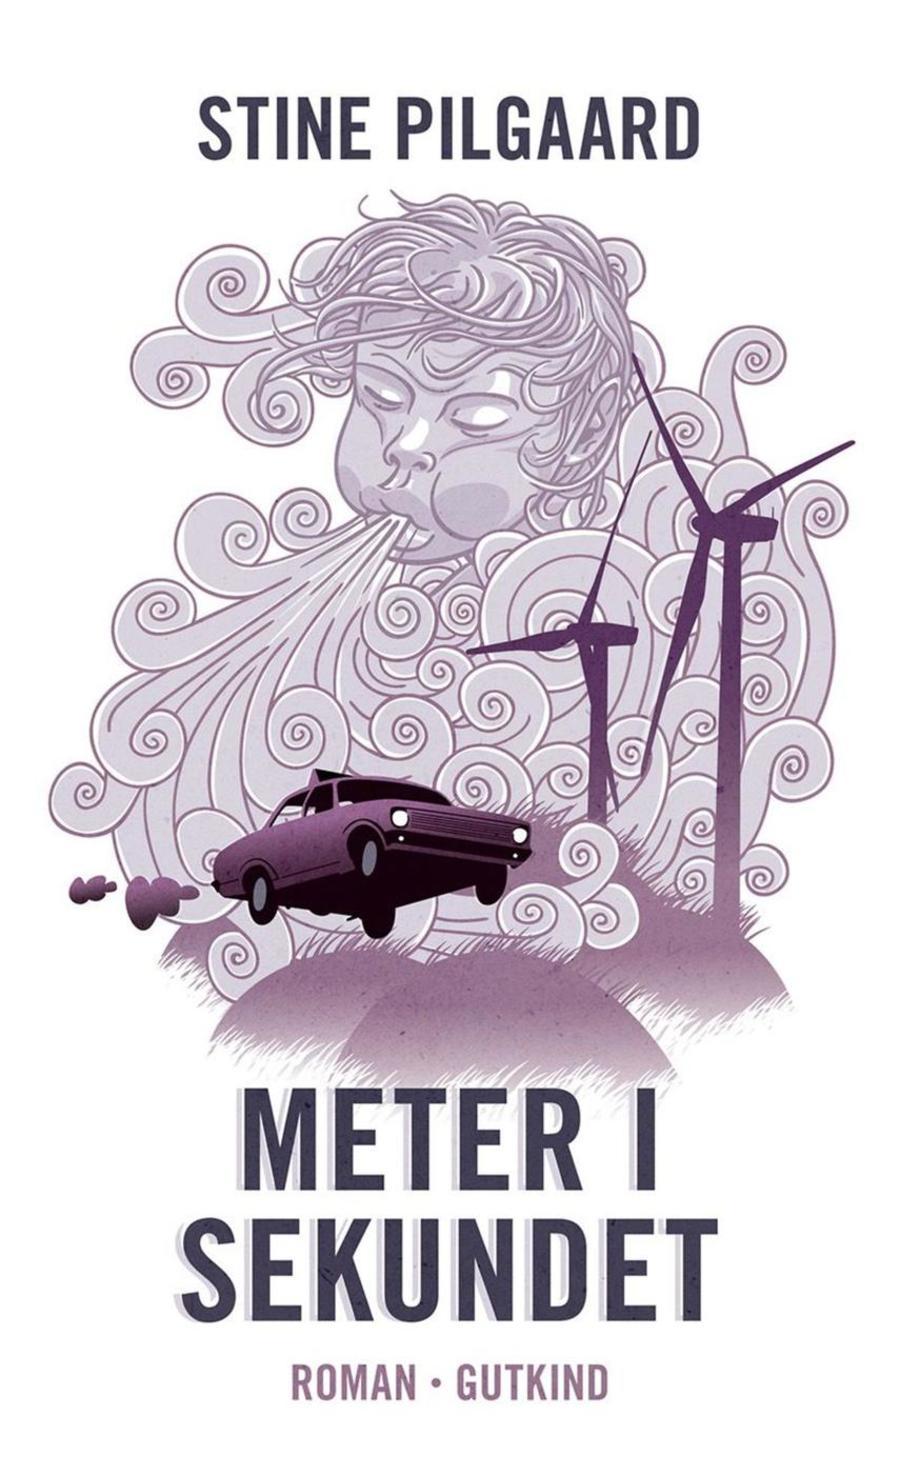 Forsiden af bogen Meter i sekundet af Stine Pilegaard